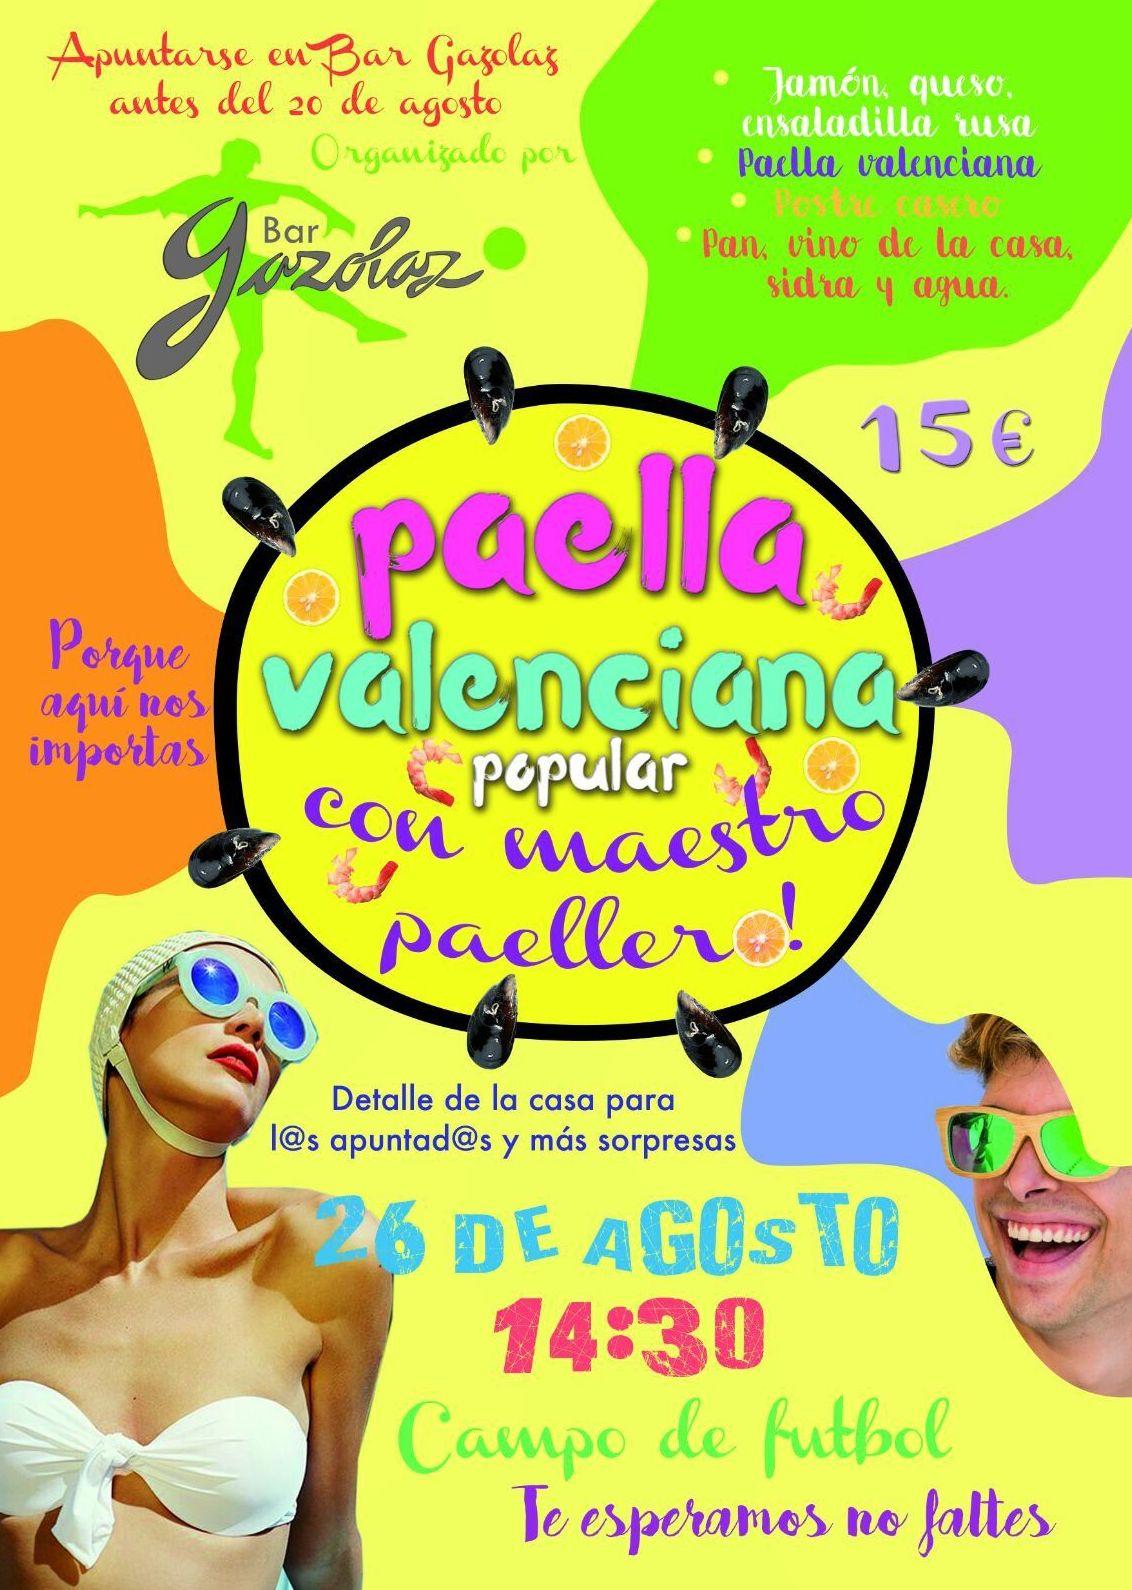 Paella valenciana popular